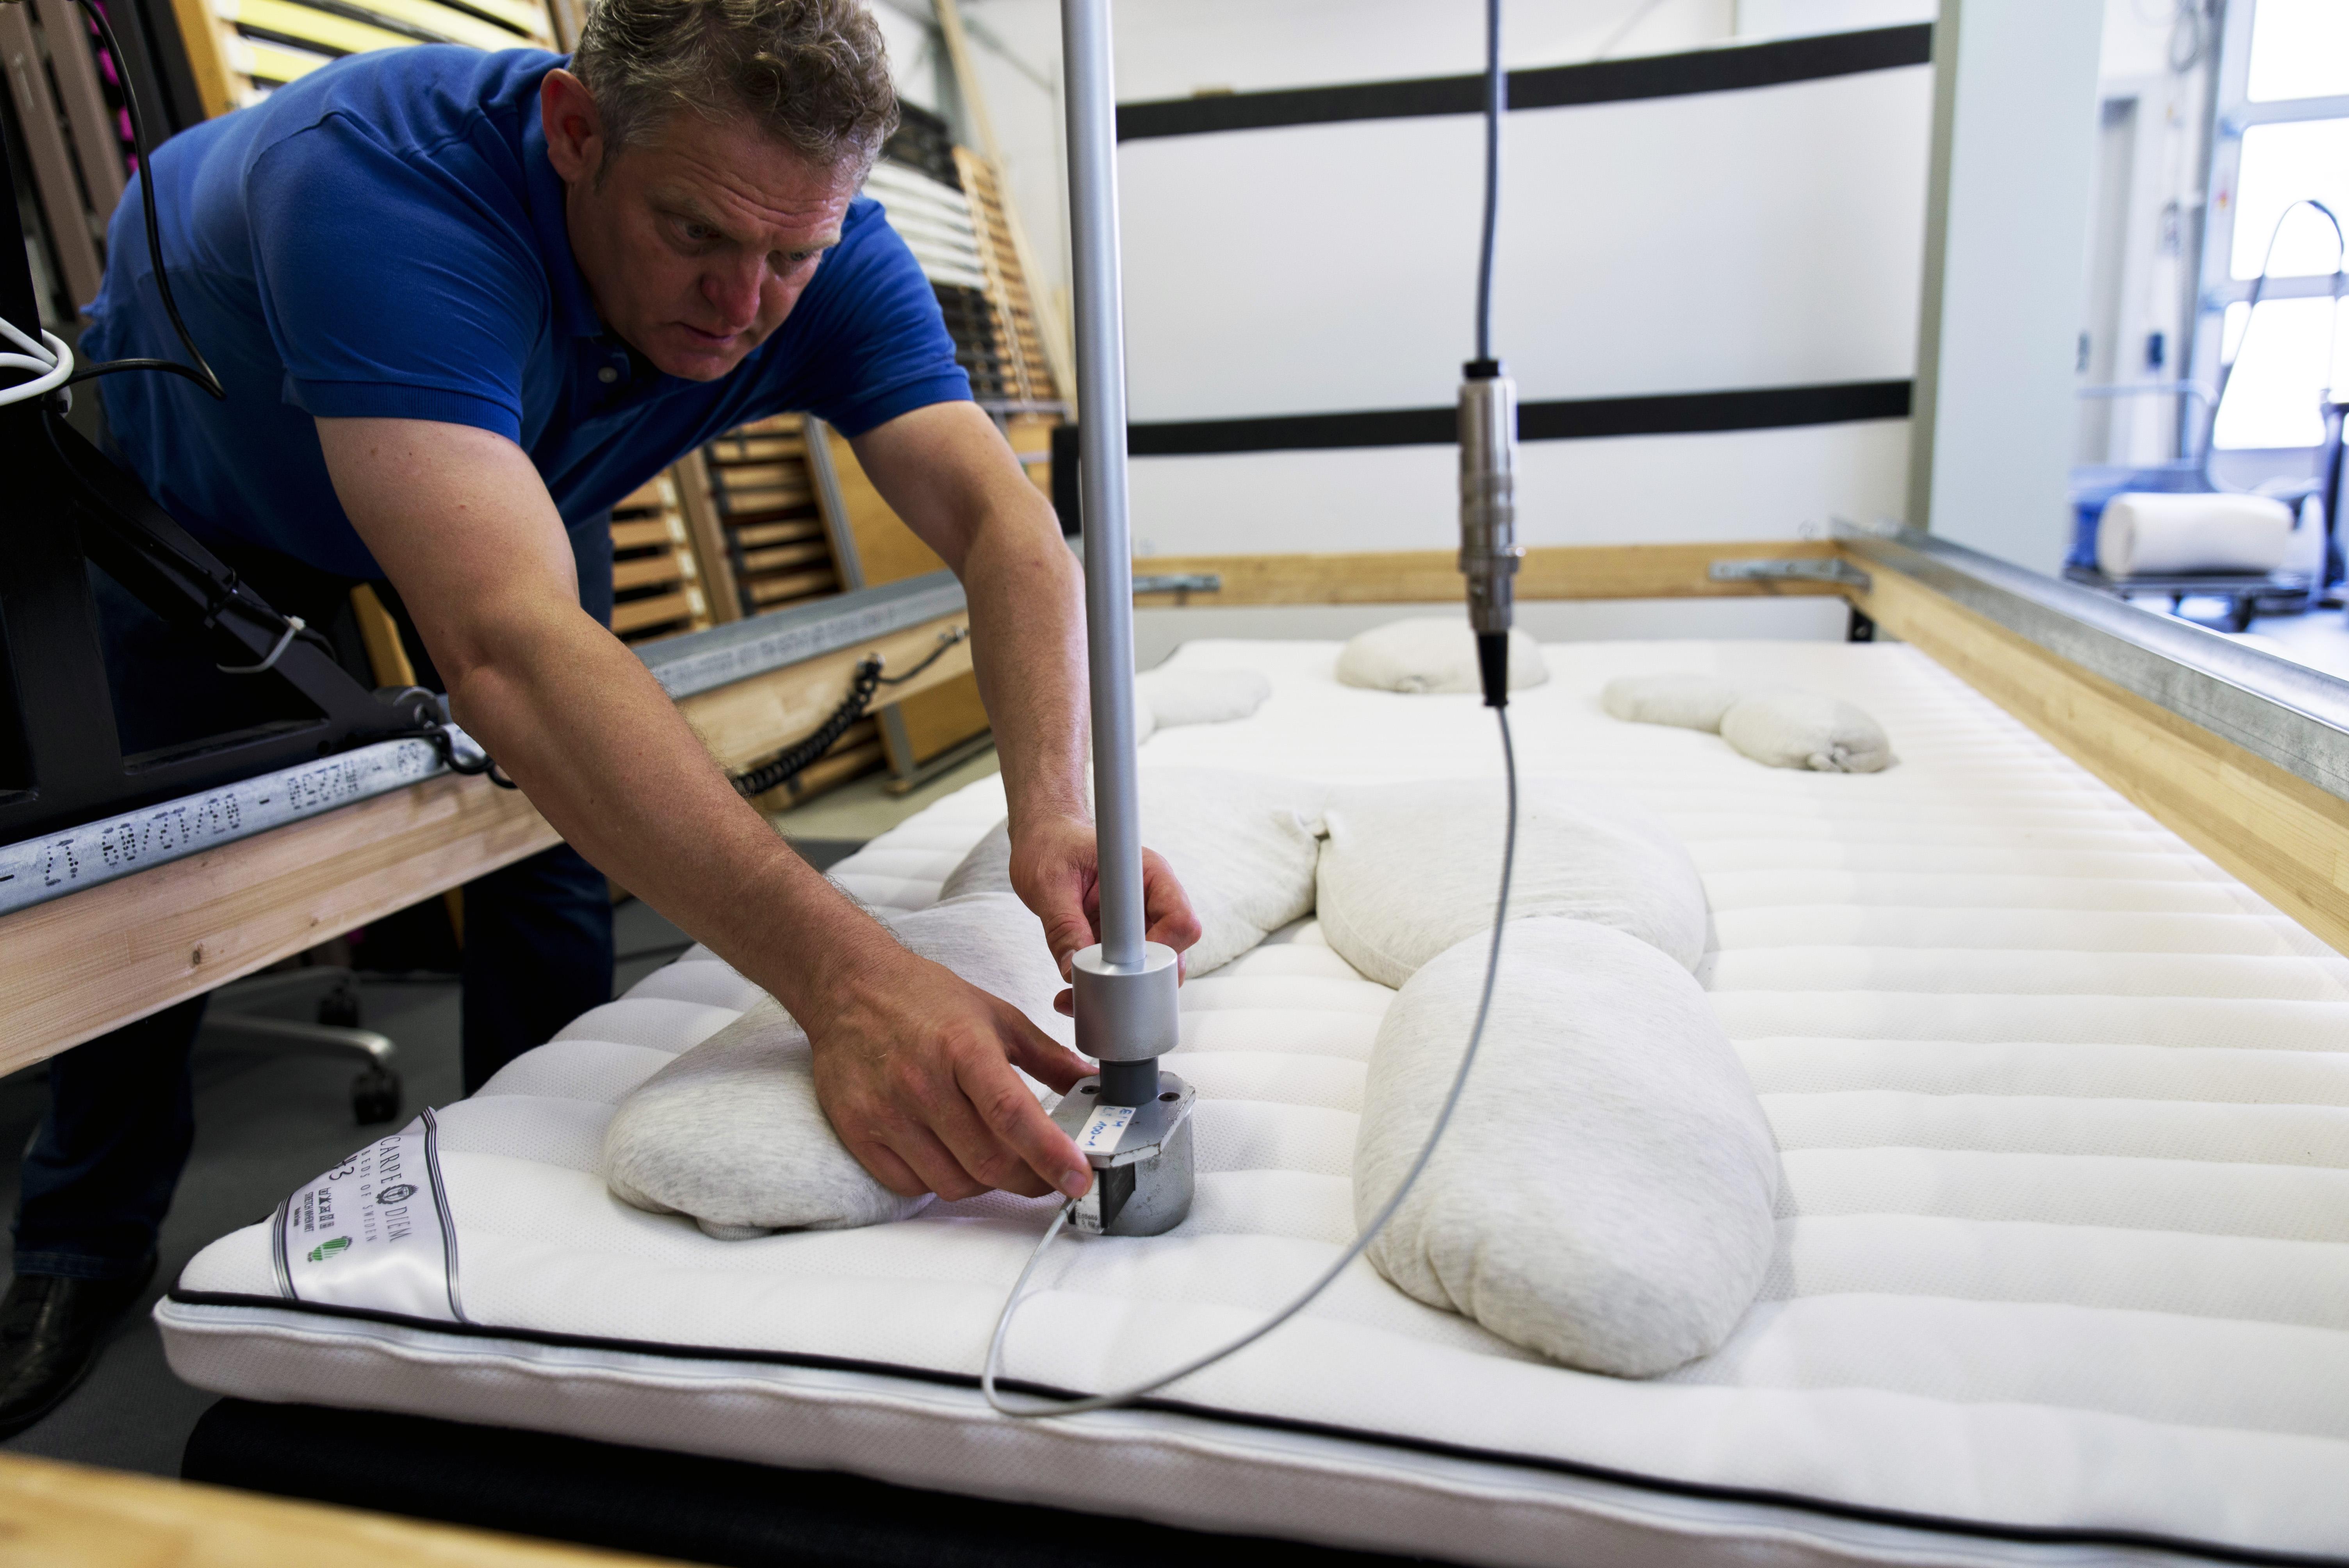 Med hjälp av olika intryckskroppar testas sängens förmåga att ge stöd åt kroppens olika delar. Foto: Tobias Meyer.